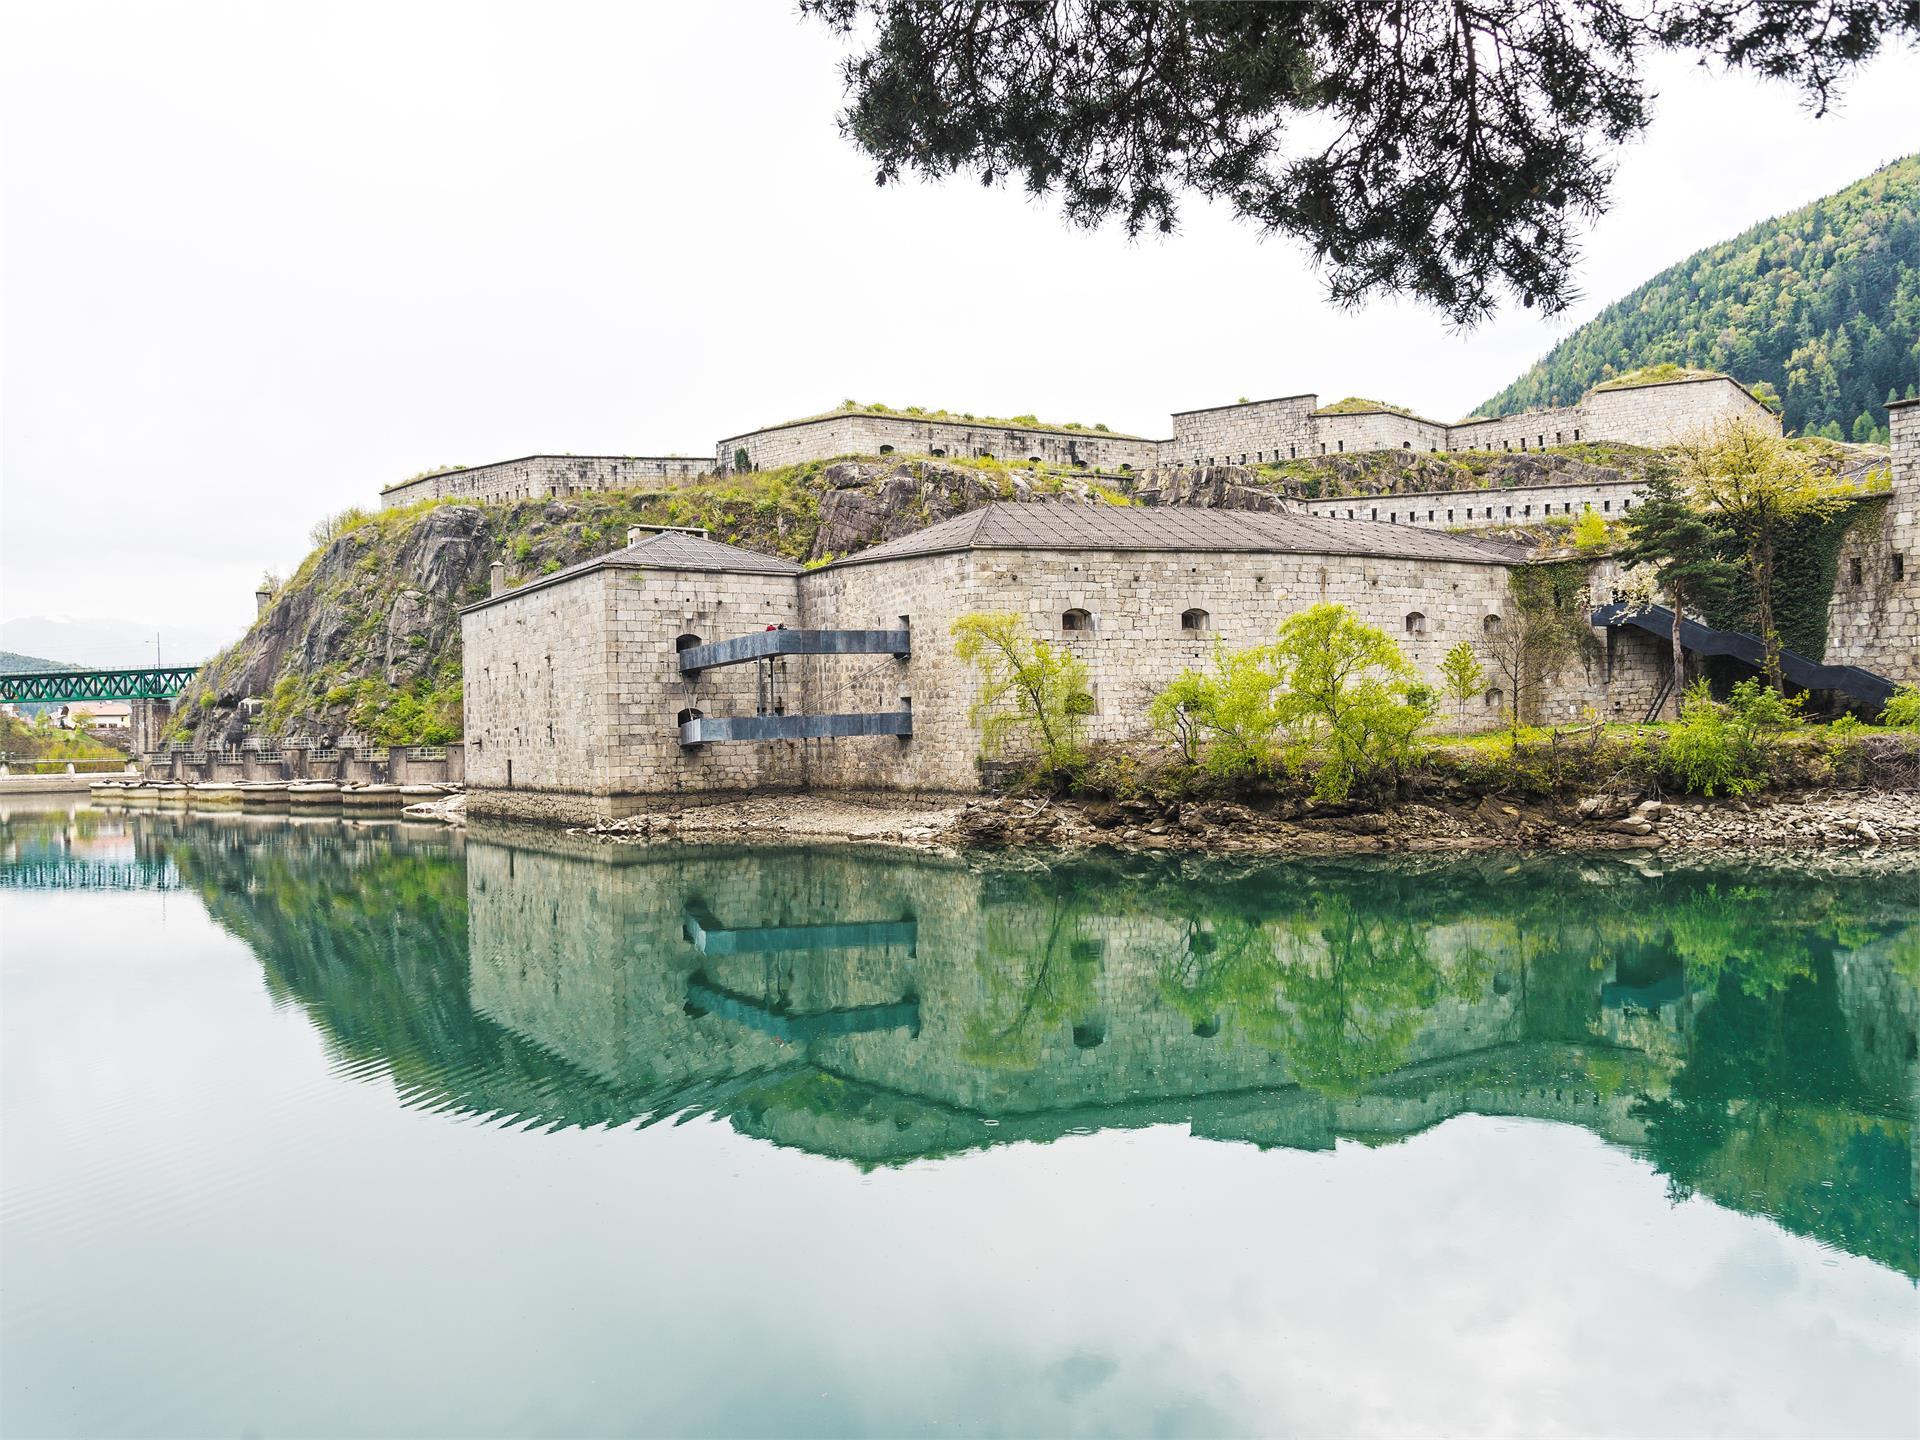 Fortress Fortezza/Franzensfeste